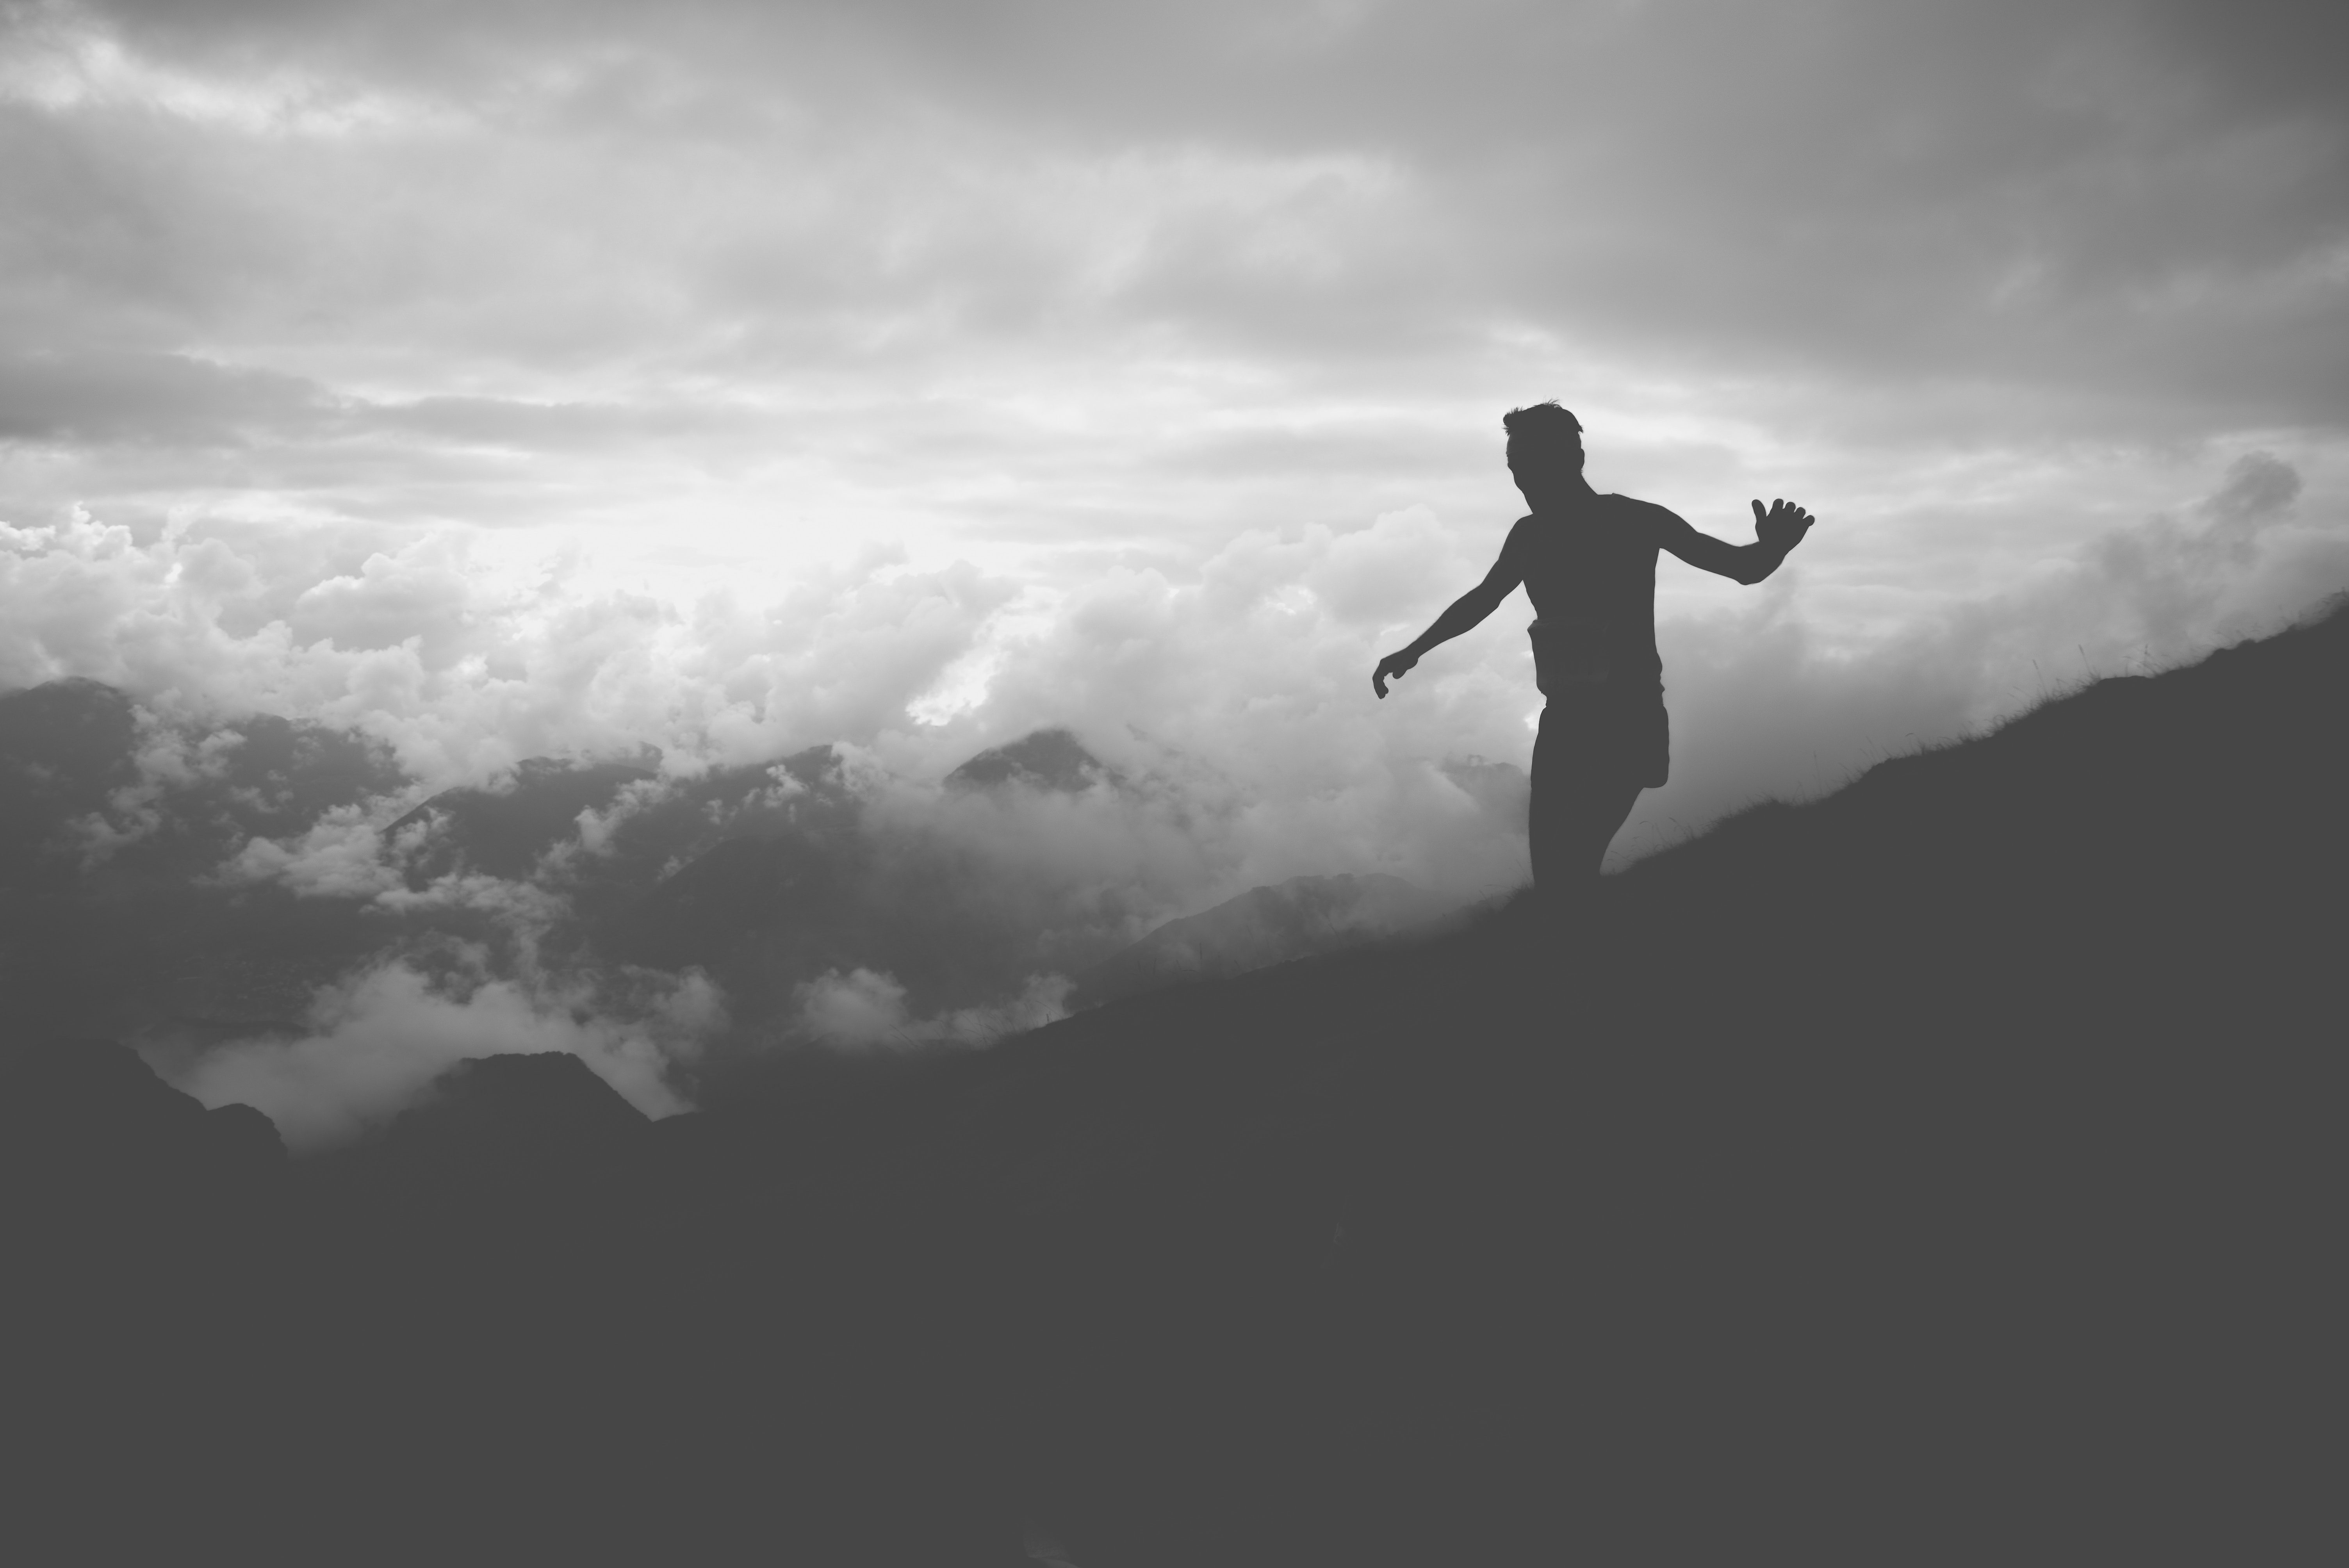 Картинка: Мужчина, силует, облака, гора, равновесие